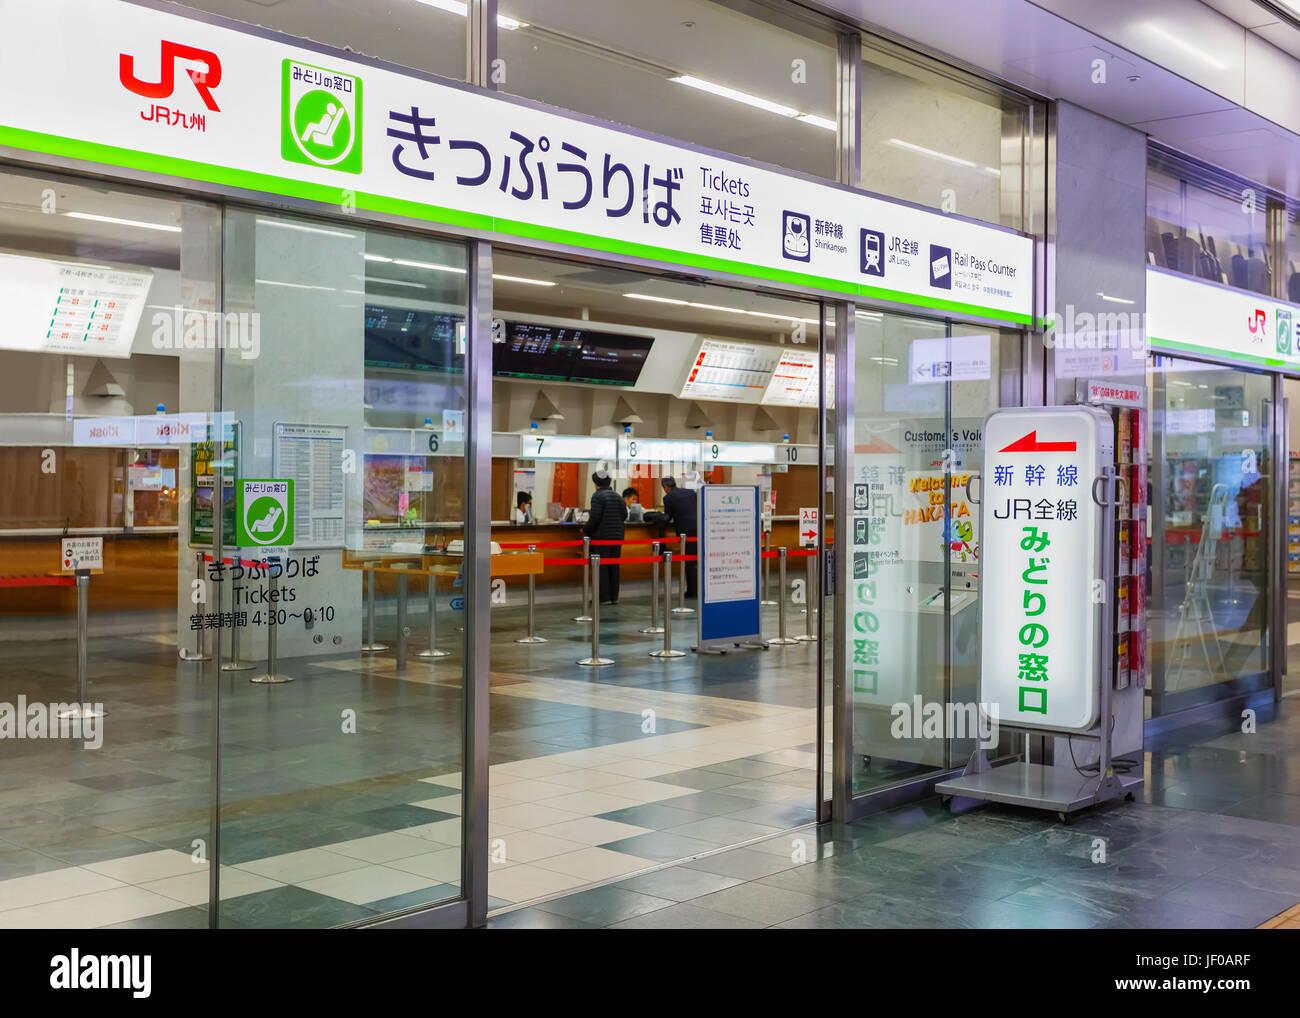 FUKUOKA, JAPAN - NOVEMBER 14: JR Office in Fukuoka, Japan on November 14, 2013. In major stations, it's The - Stock Image